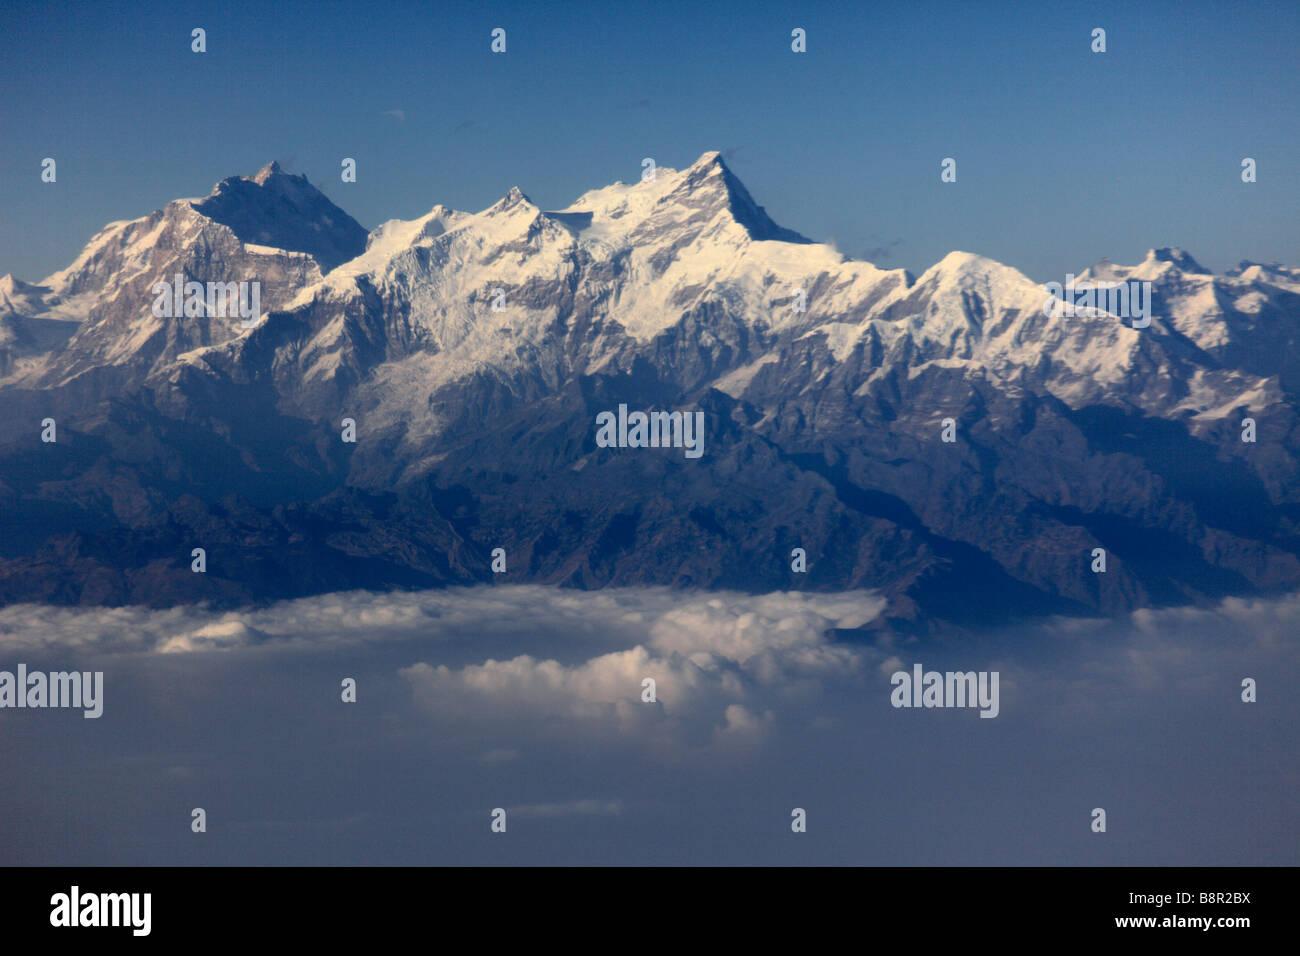 Nepal Himalayas aerial view - Stock Image